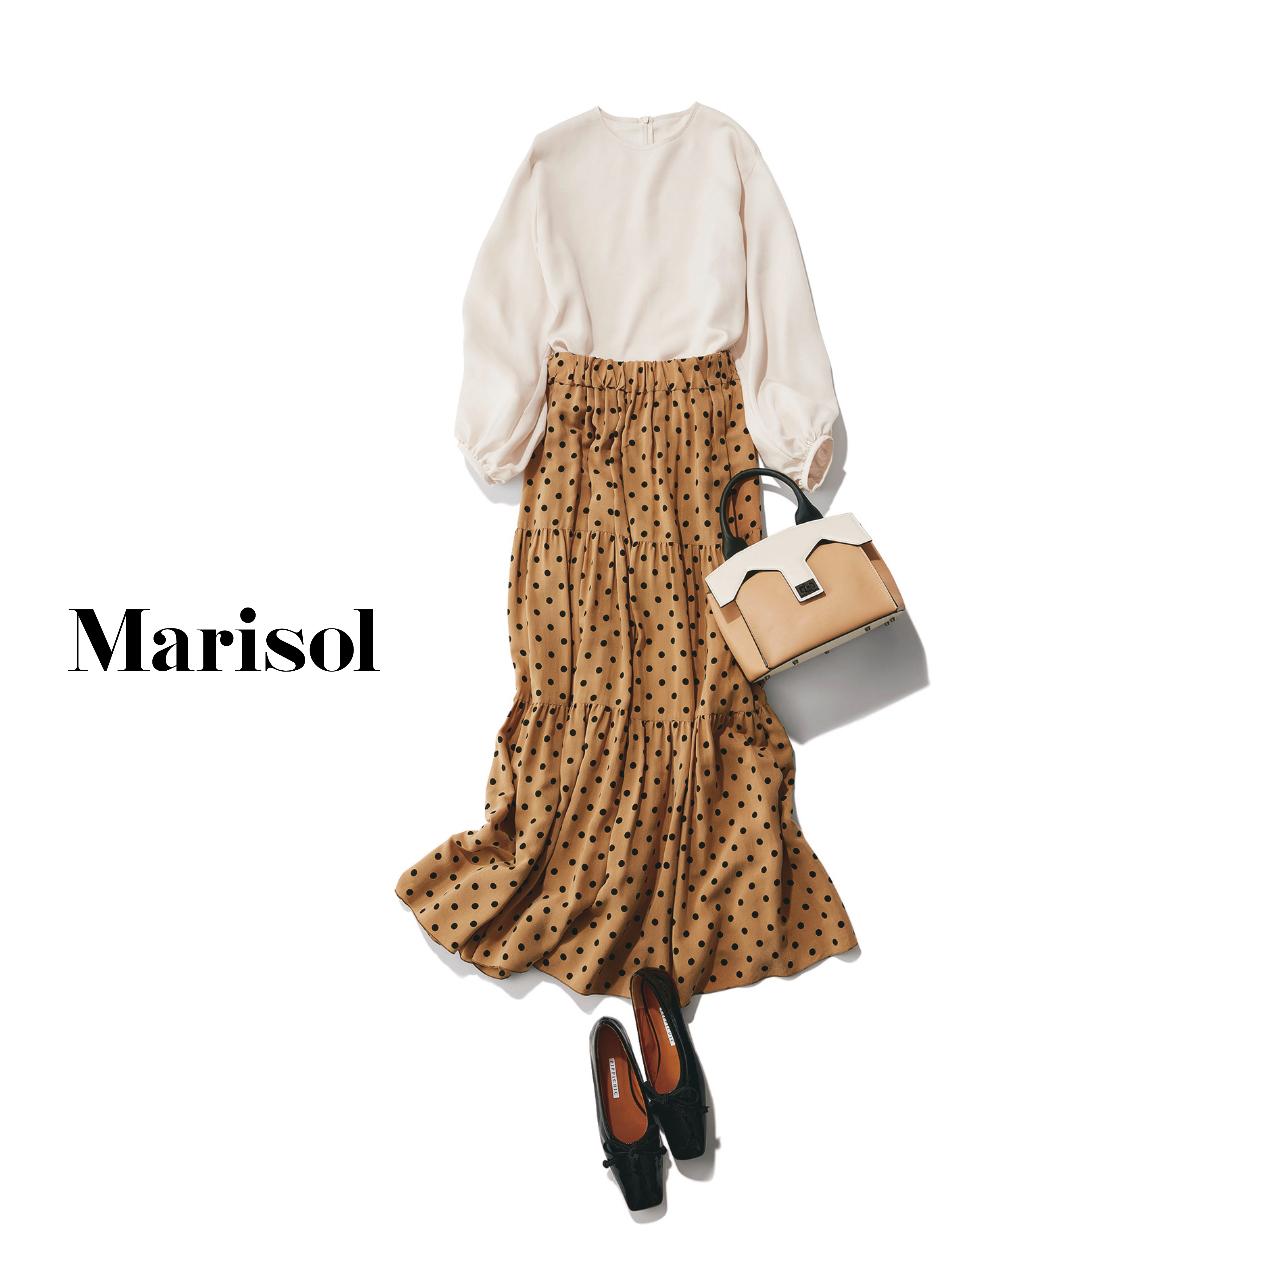 40代ファッション 白ブラウス×ドット柄スカート×フラットシューズコーデ